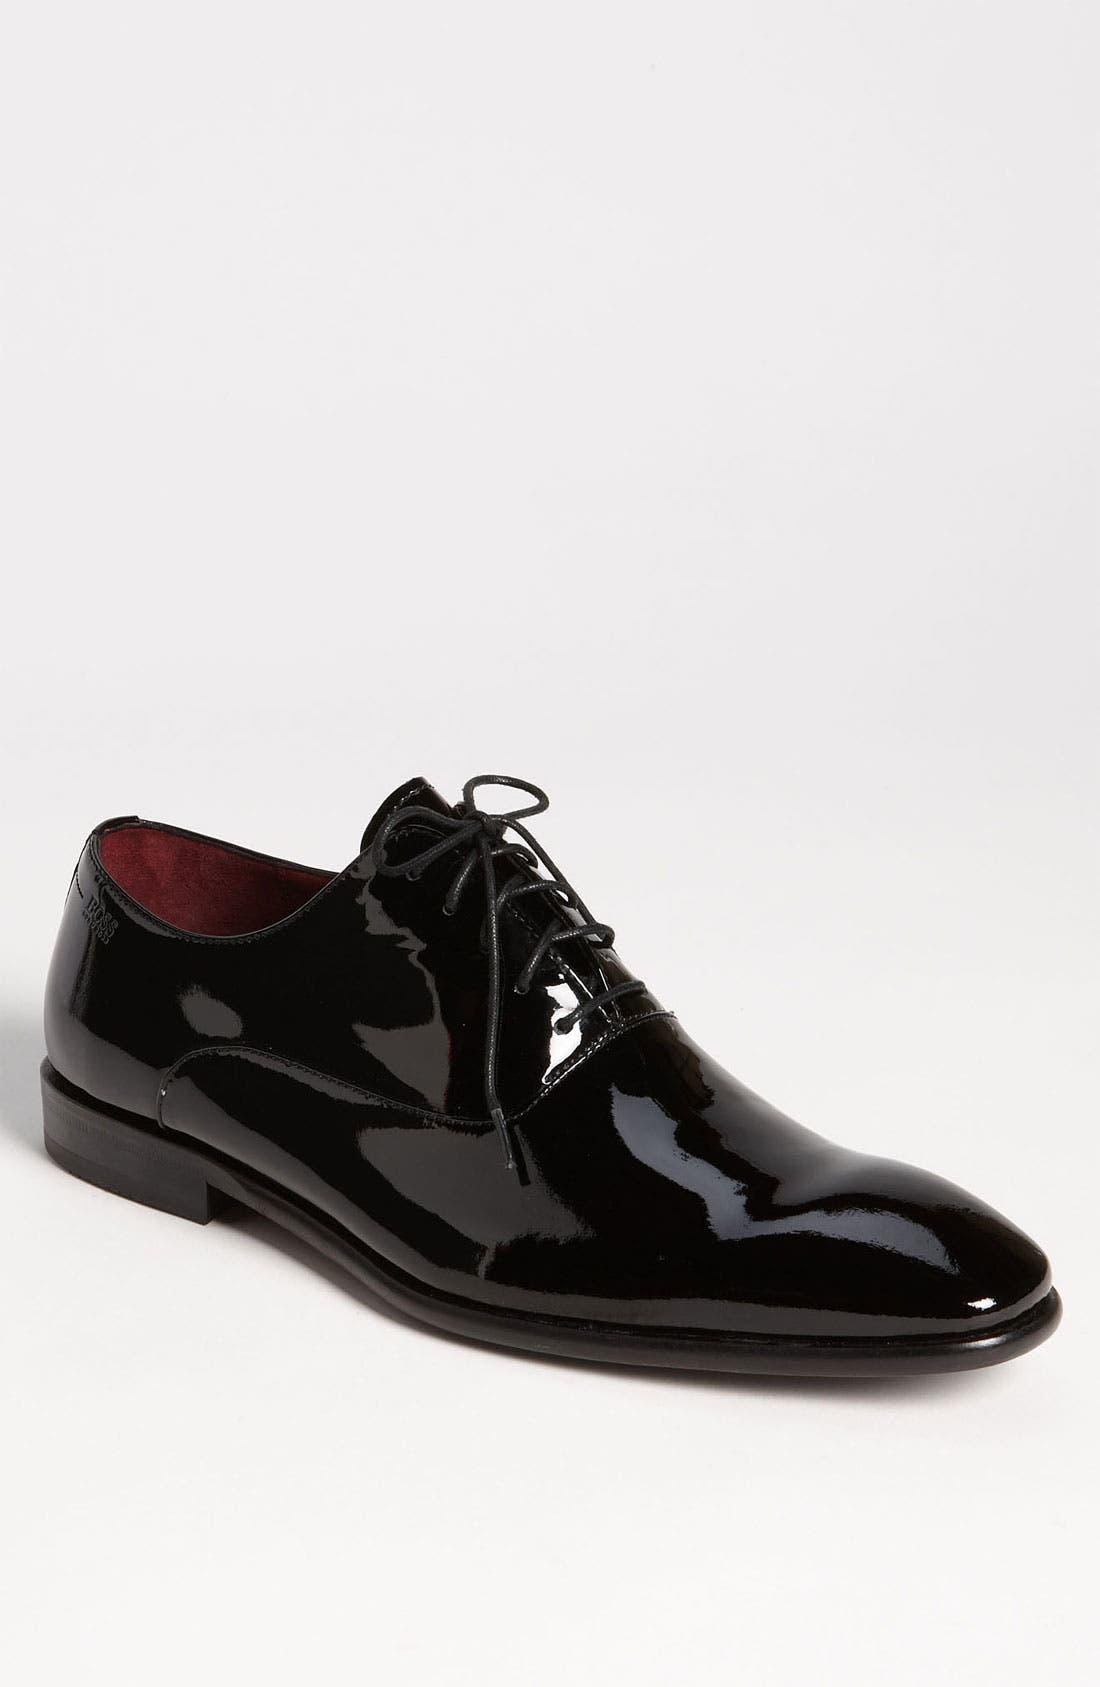 Alternate Image 1 Selected - BOSS 'Mellio' Plain Toe Oxford (Men)